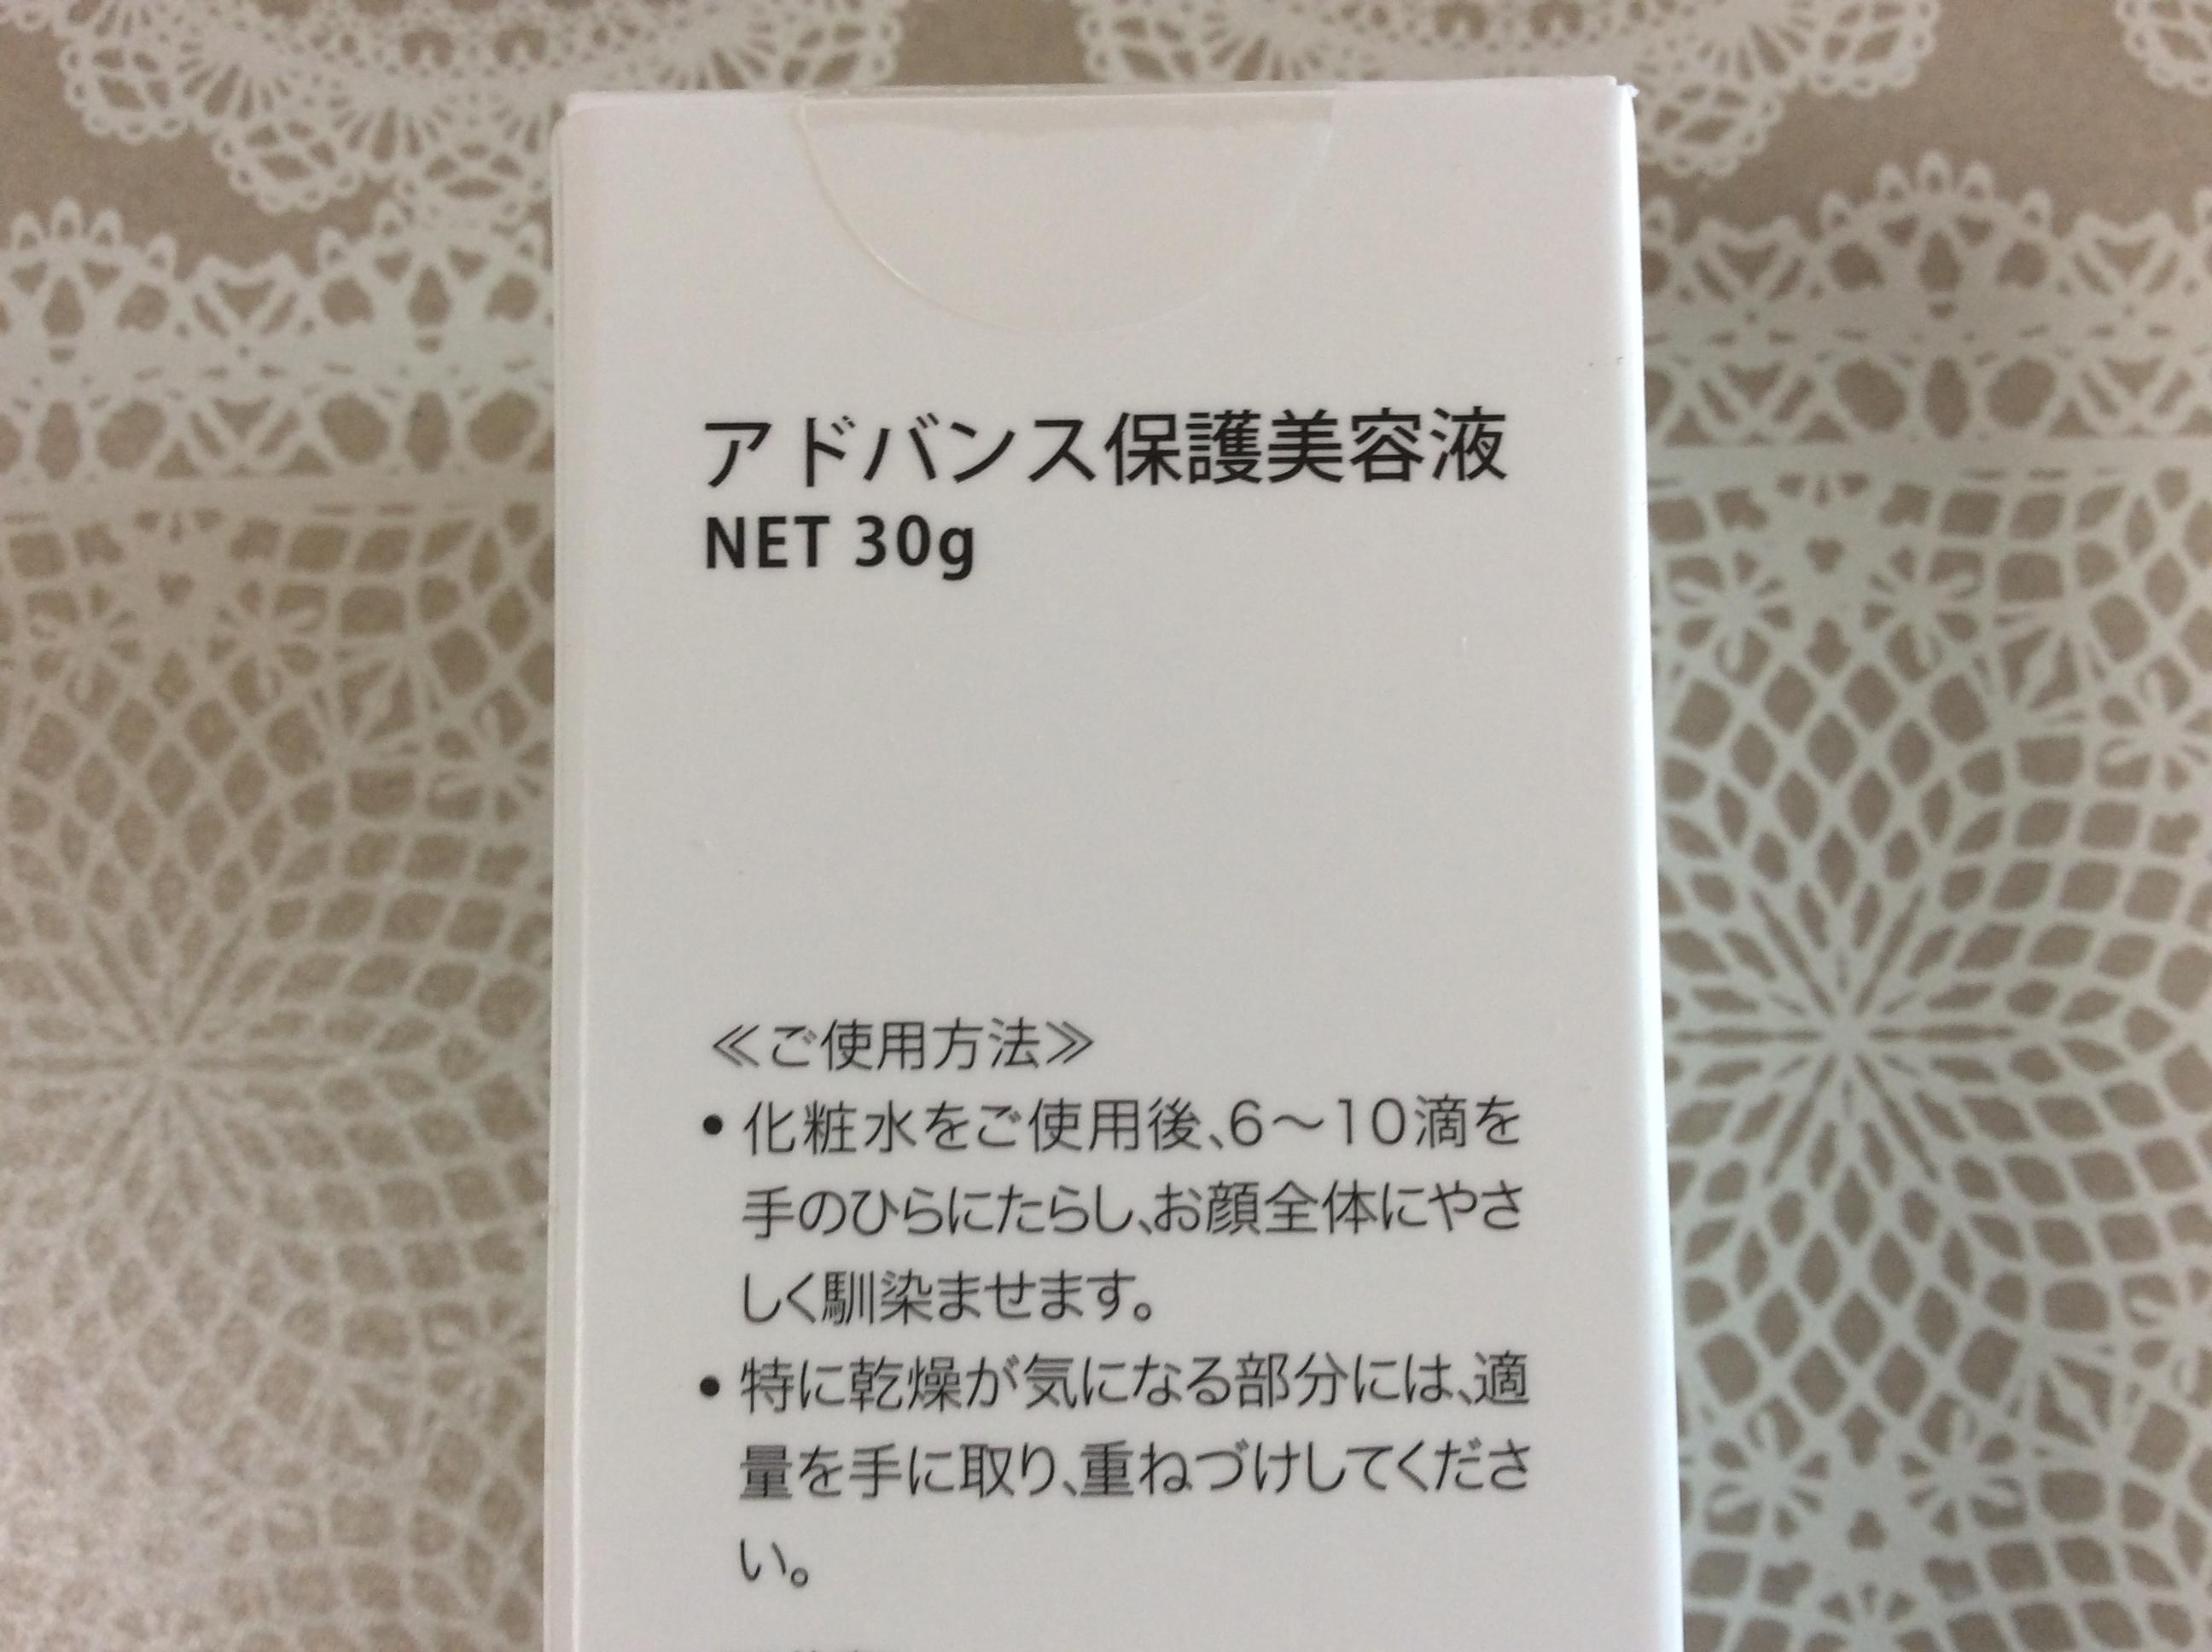 DFCD5BC3-8A90-46BE-876A-B08531D8695F.jpeg